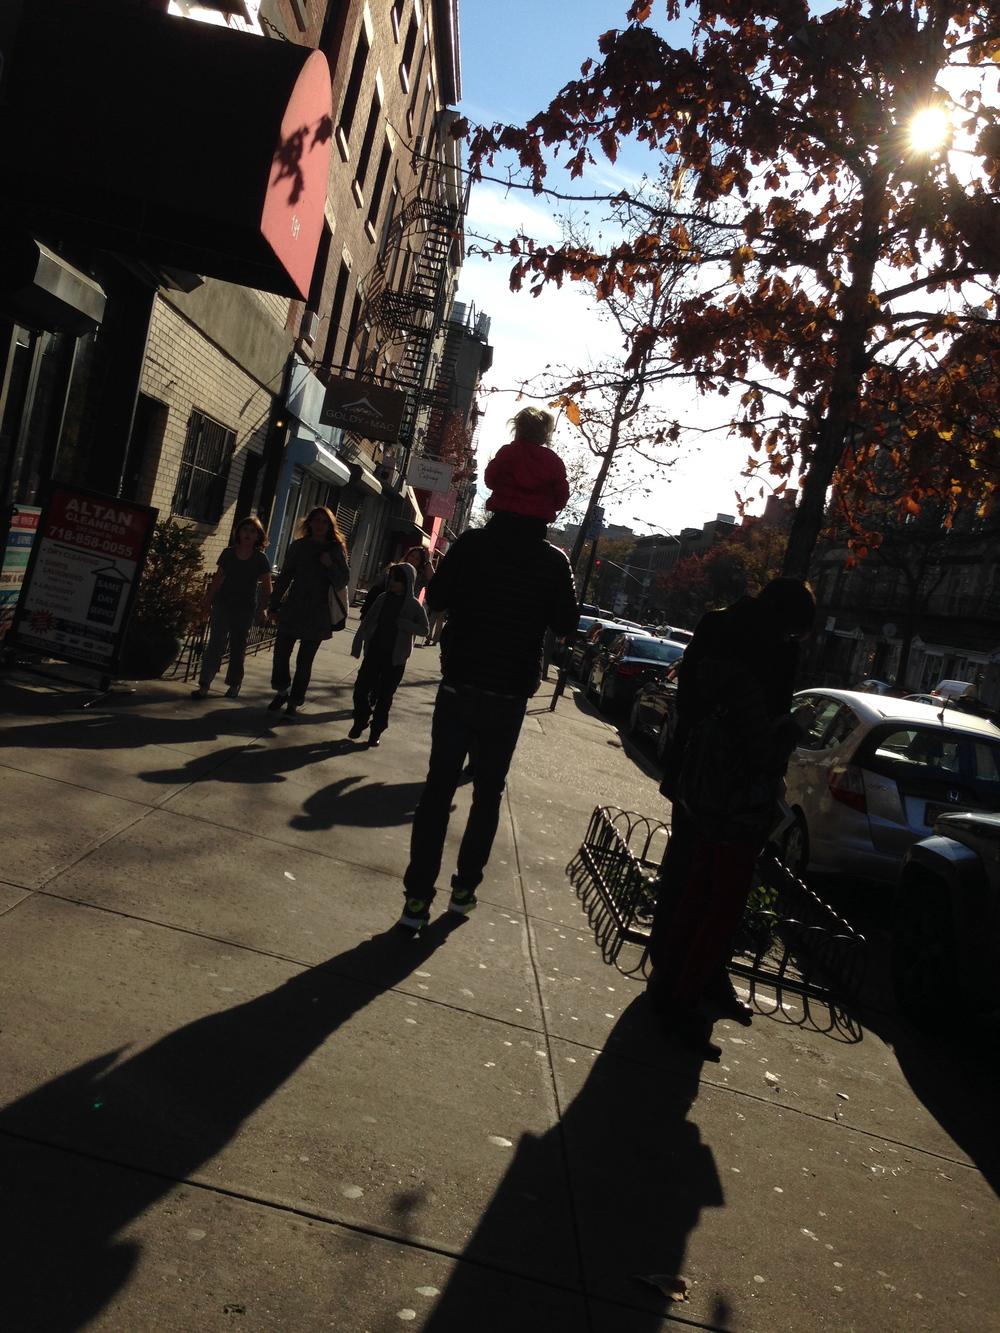 Brooklyn, NY, 11/16/13